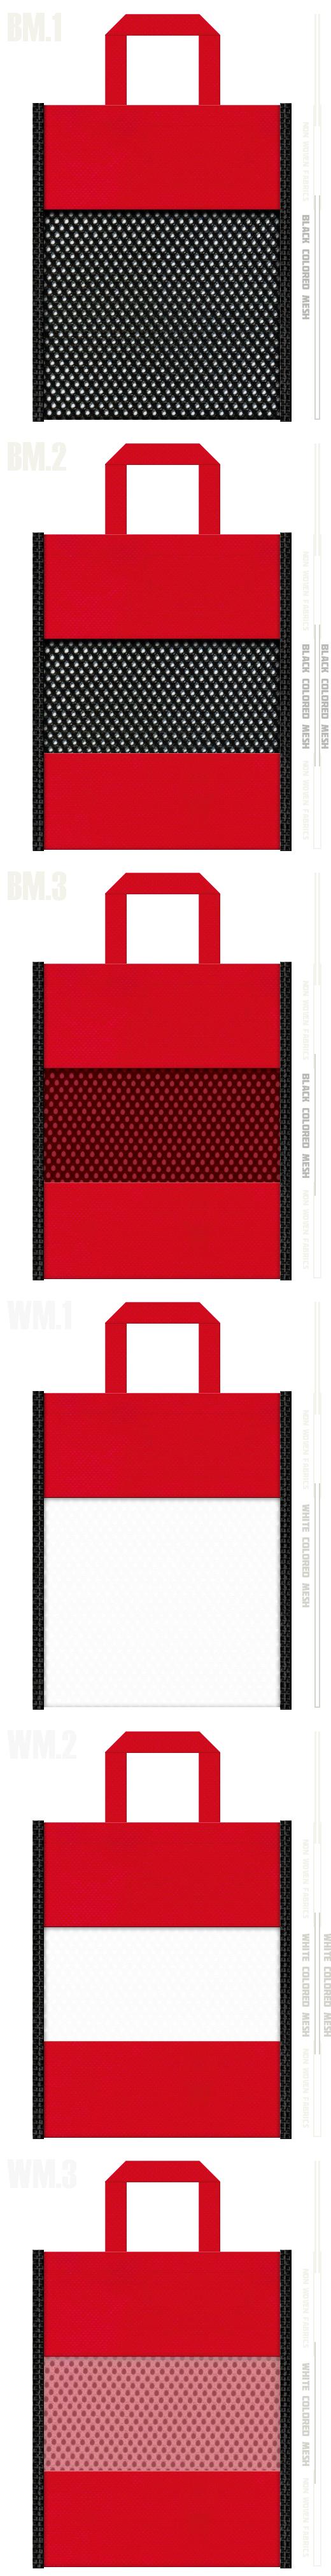 フラットタイプのメッシュバッグのカラーシミュレーション:黒色・白色メッシュと紅色不織布の組み合わせ